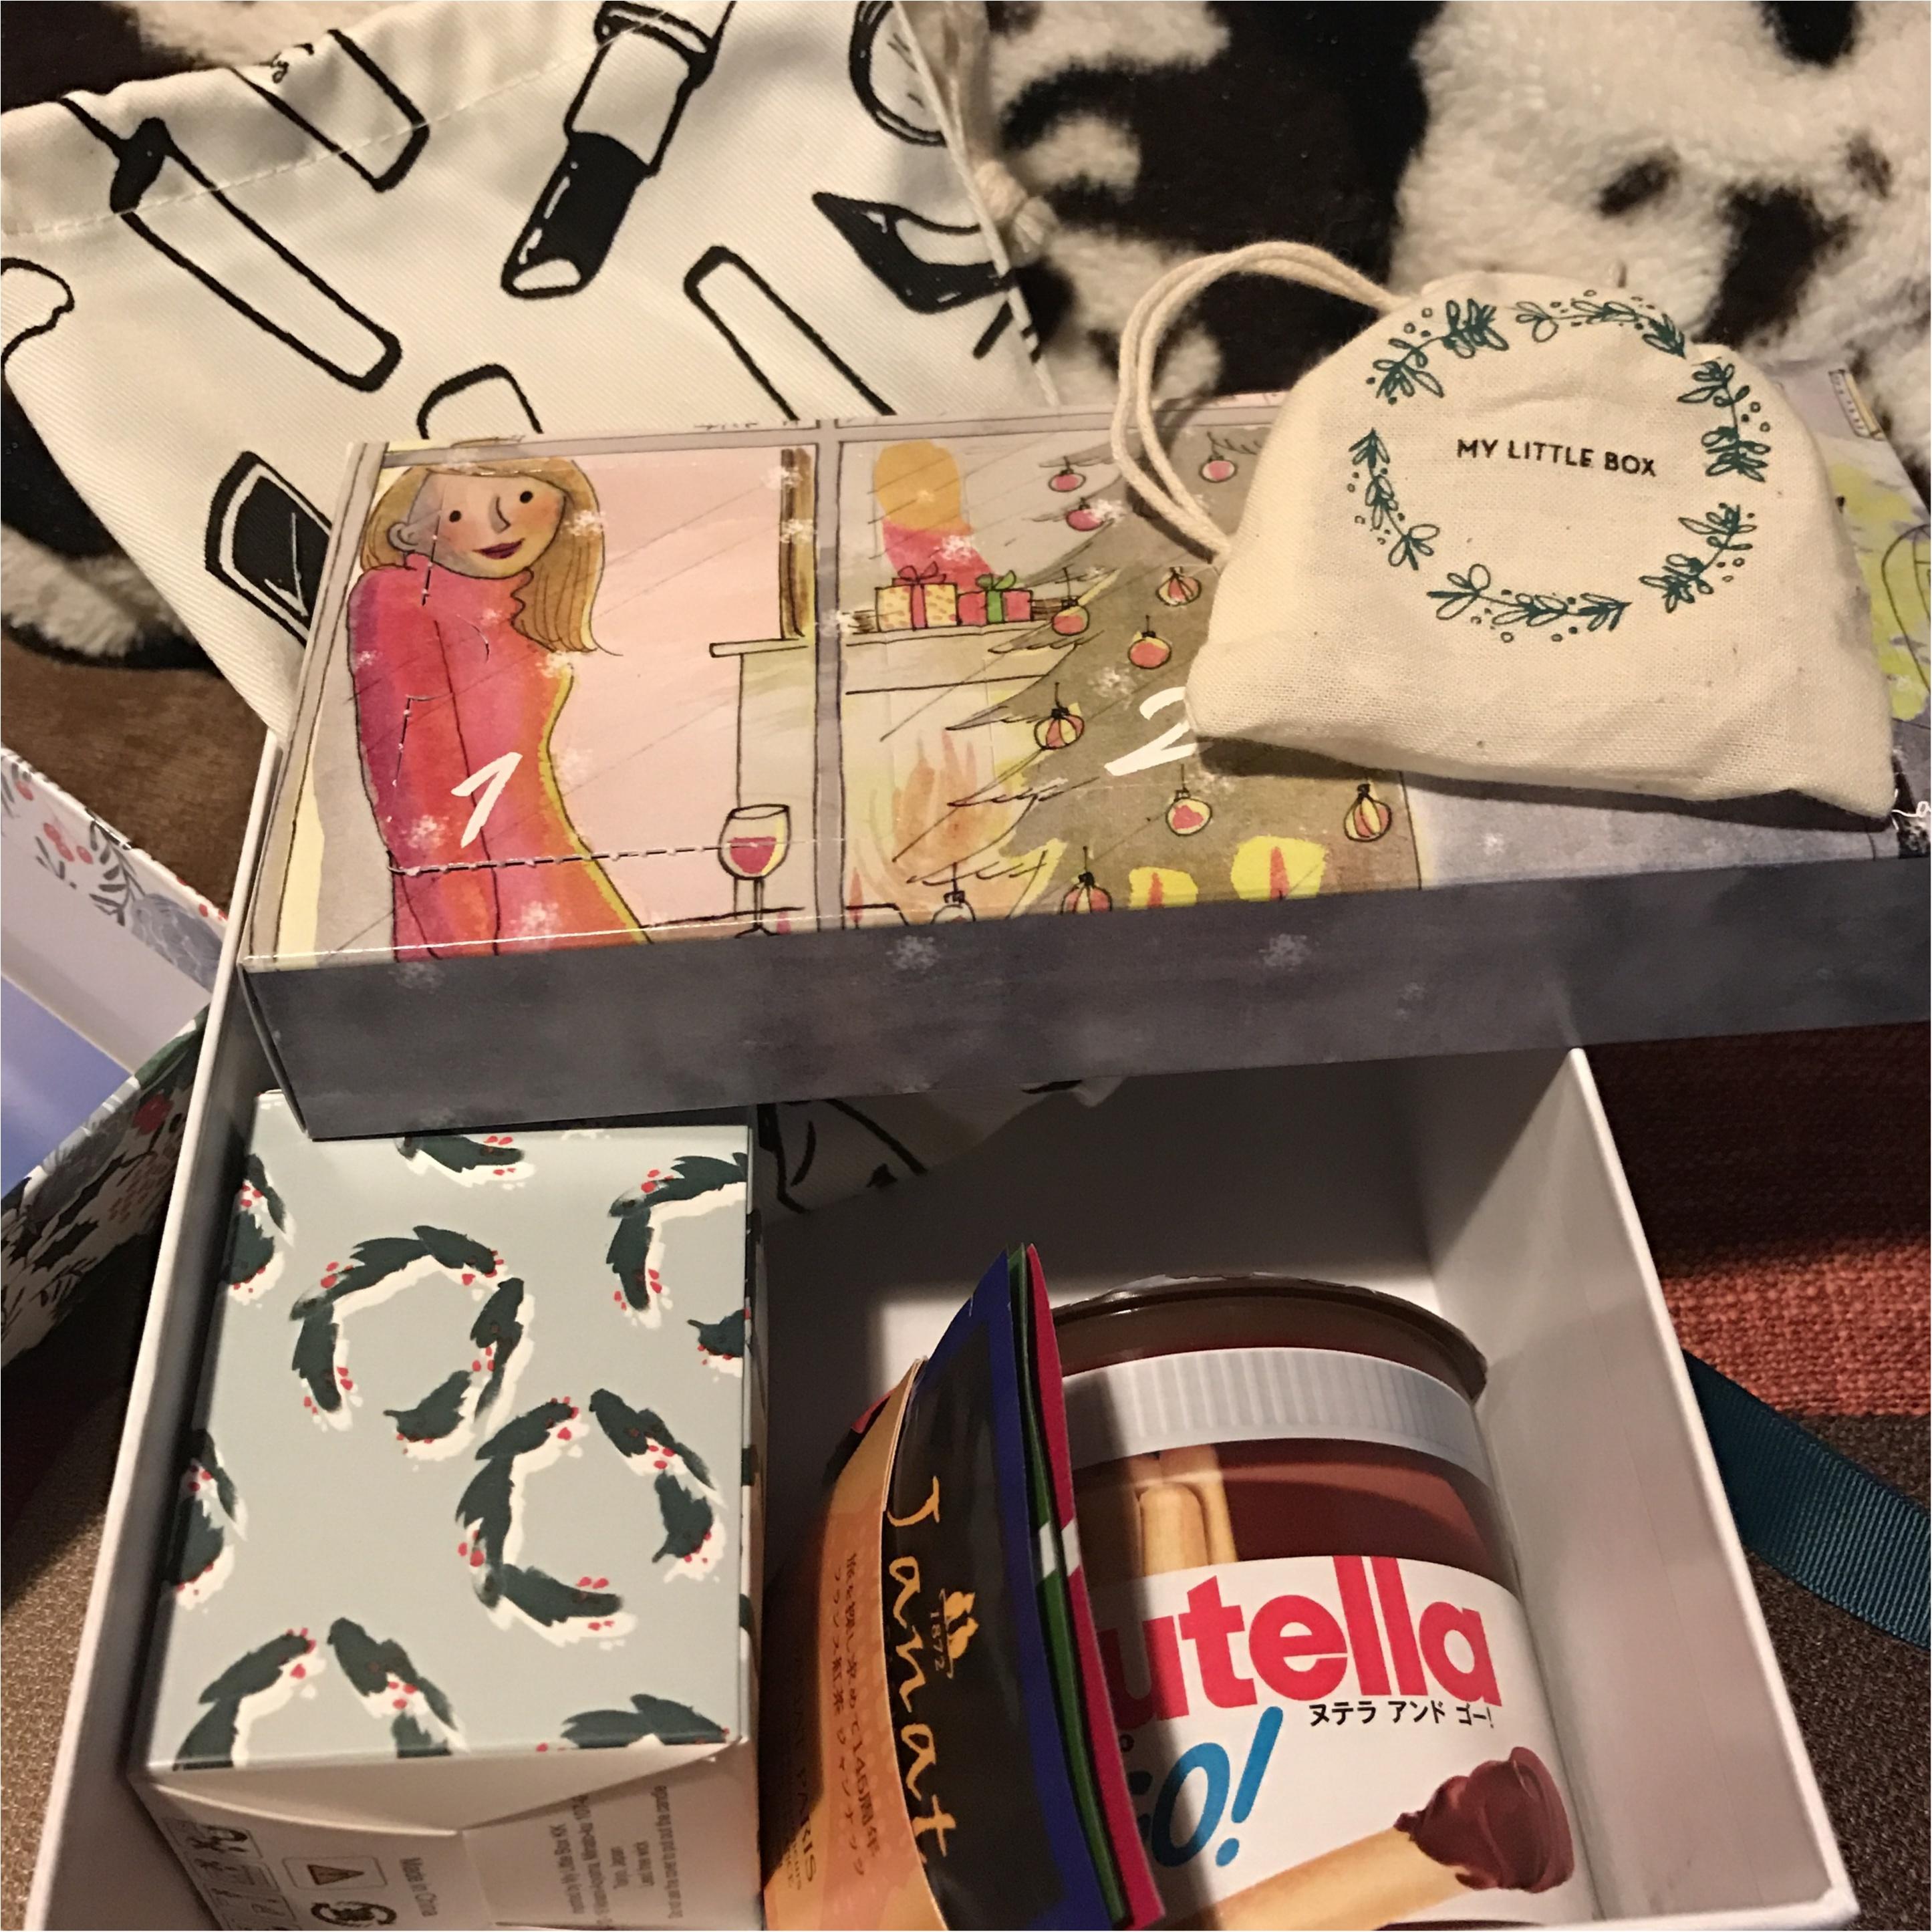 クリスマスプレゼントがなくても!毎月素敵なプレゼントが届きます♡_2